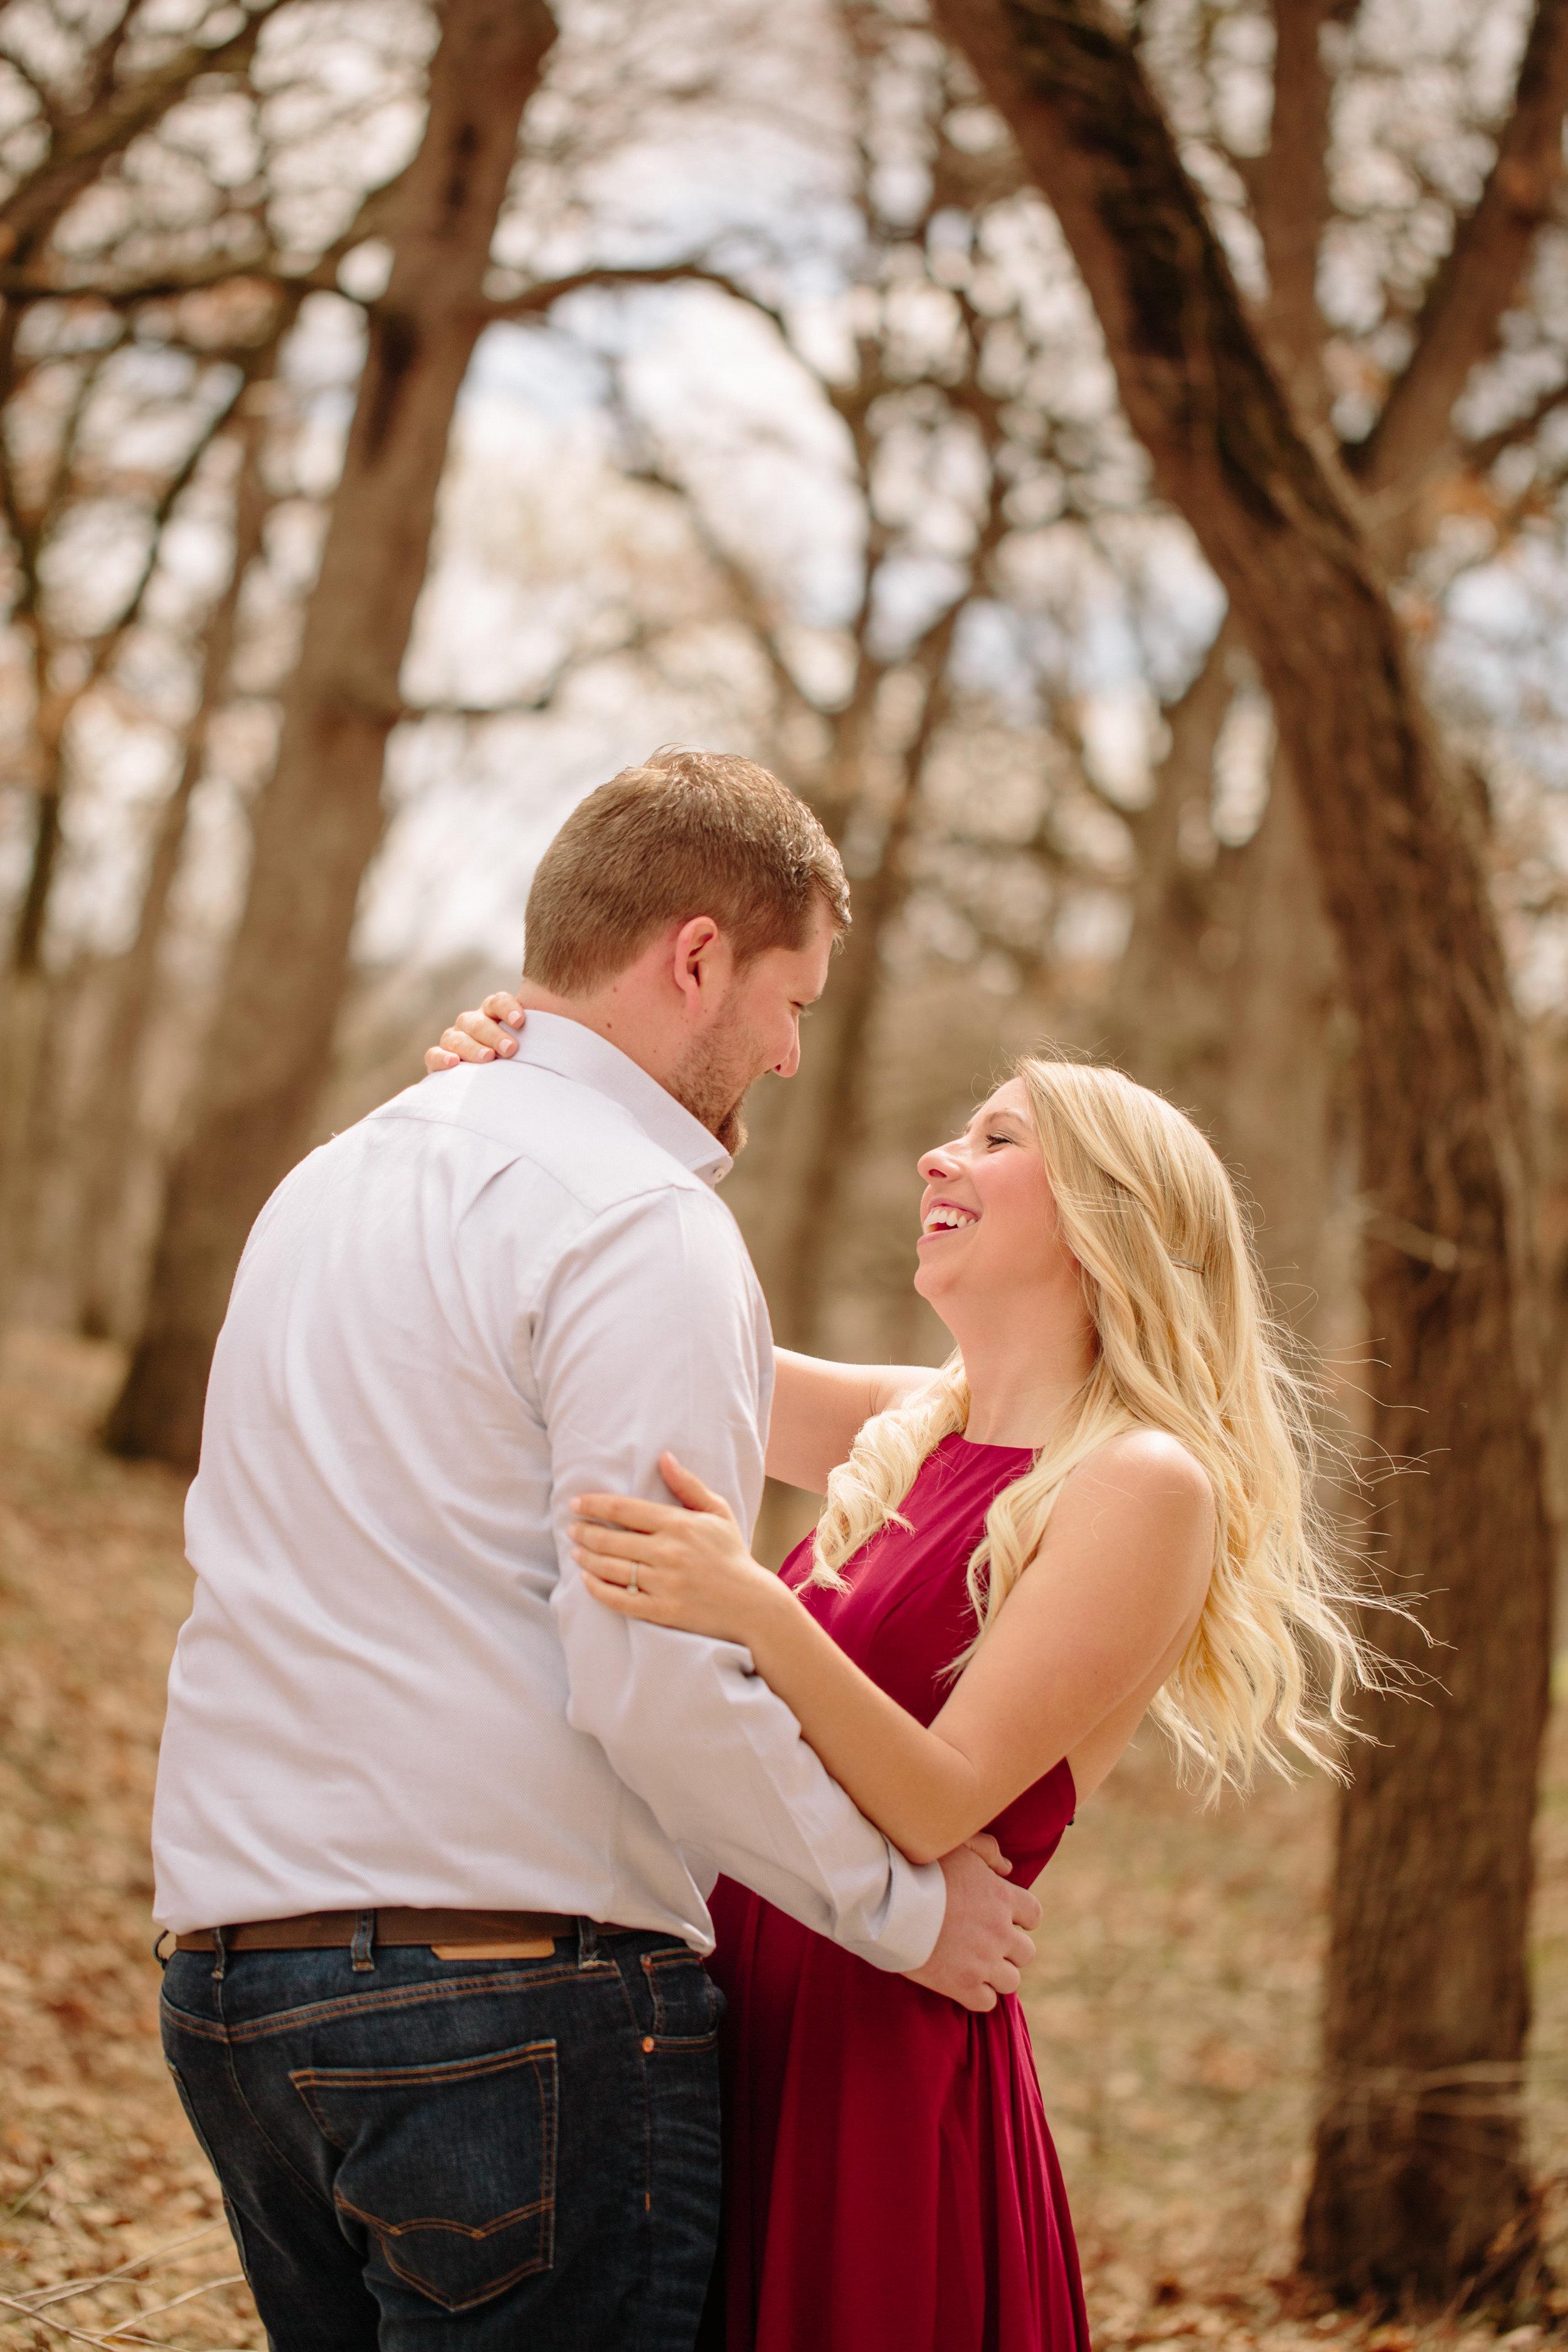 des moines spring wedding photography